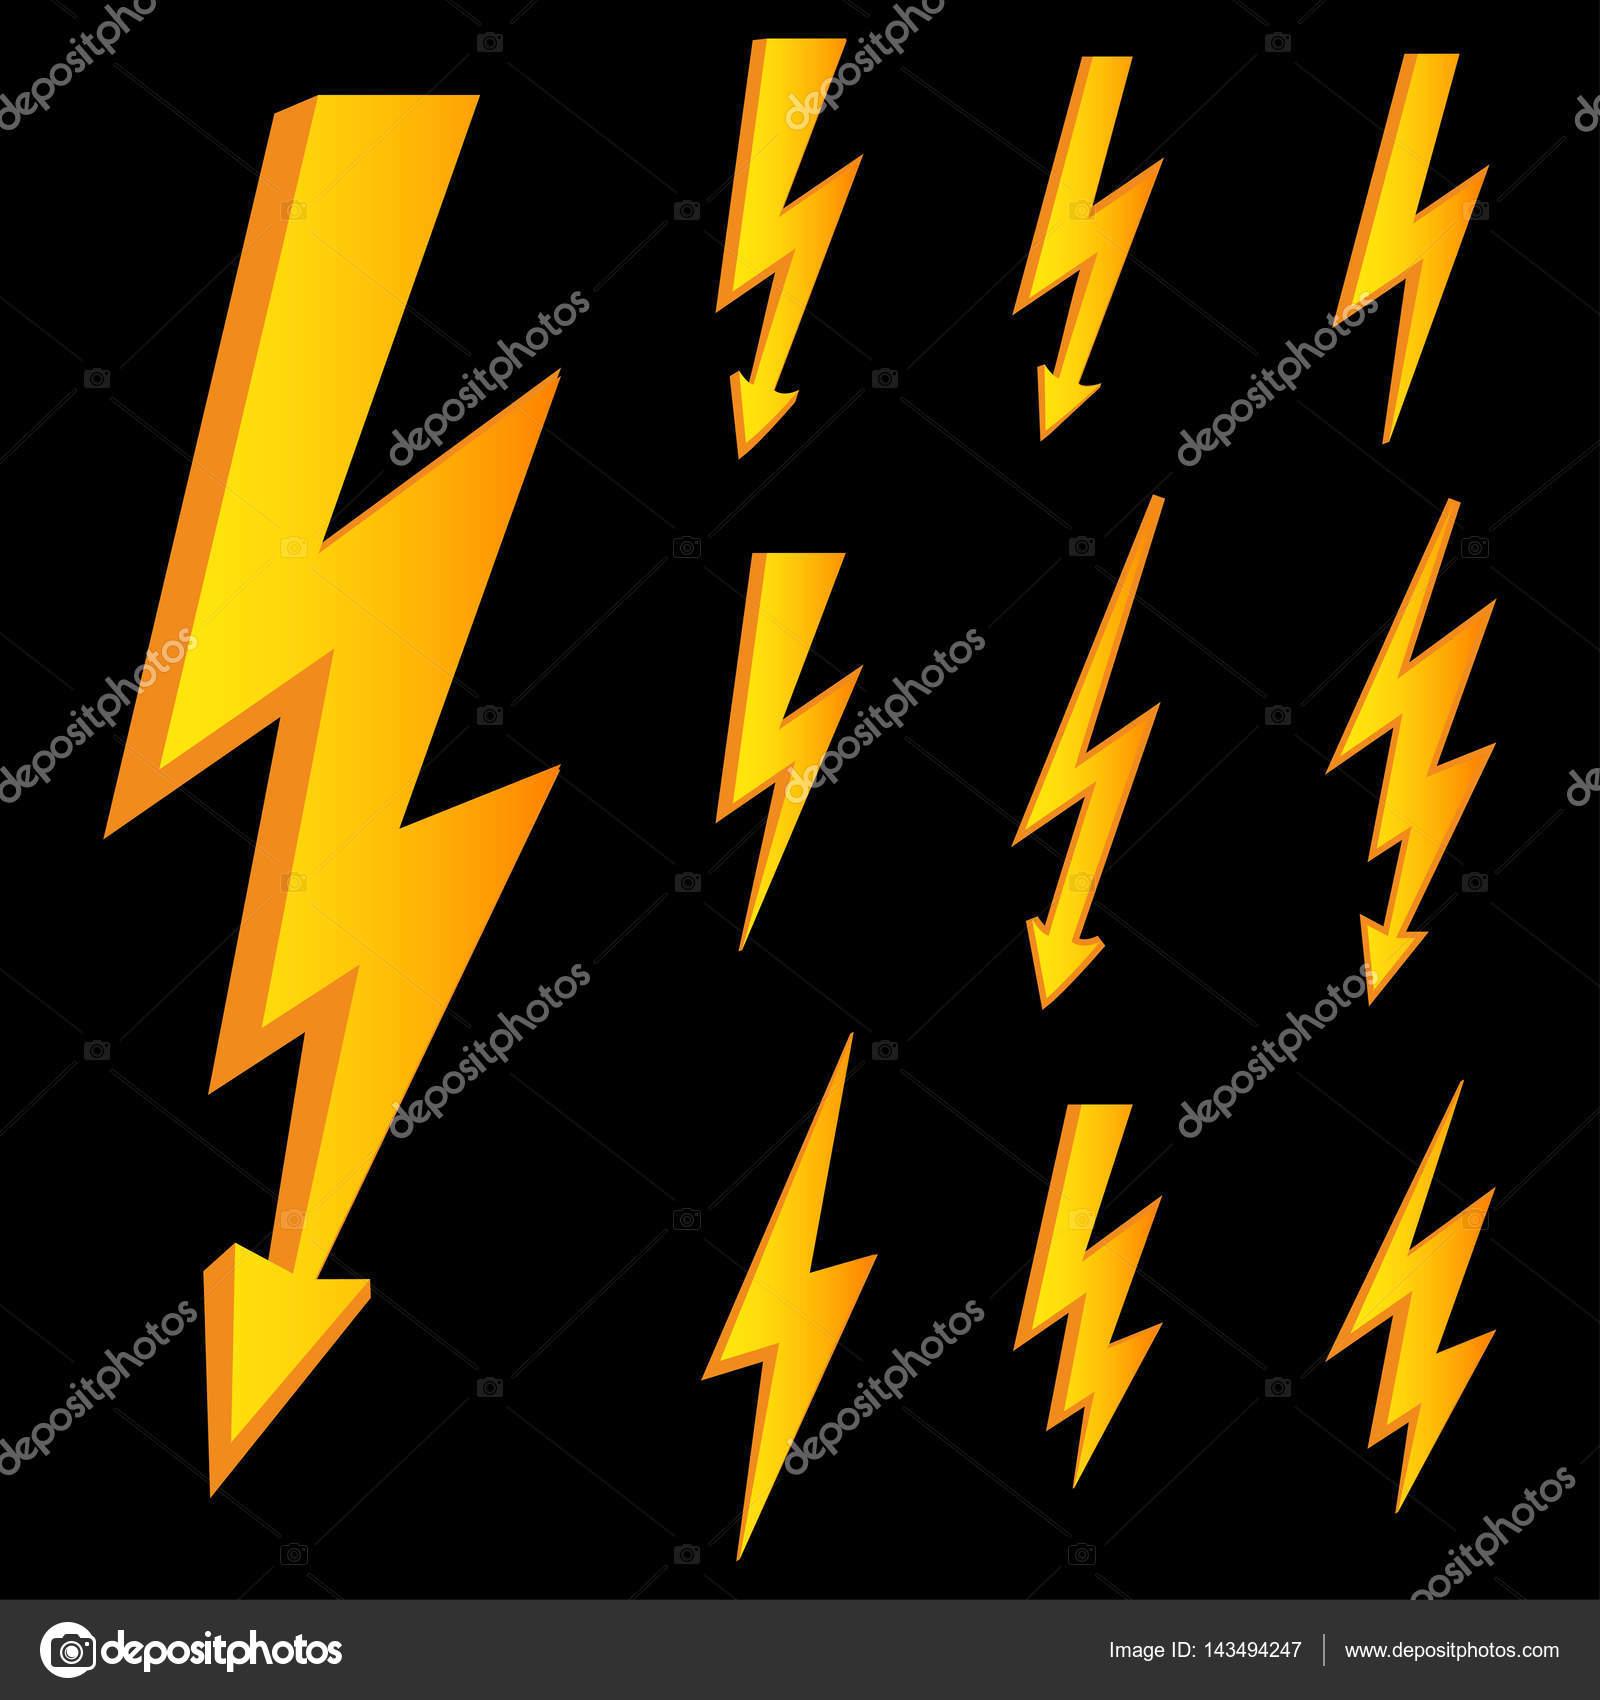 Satz von Zeile Symbole für Blitz, Blitzschlag oder Gewitter ...